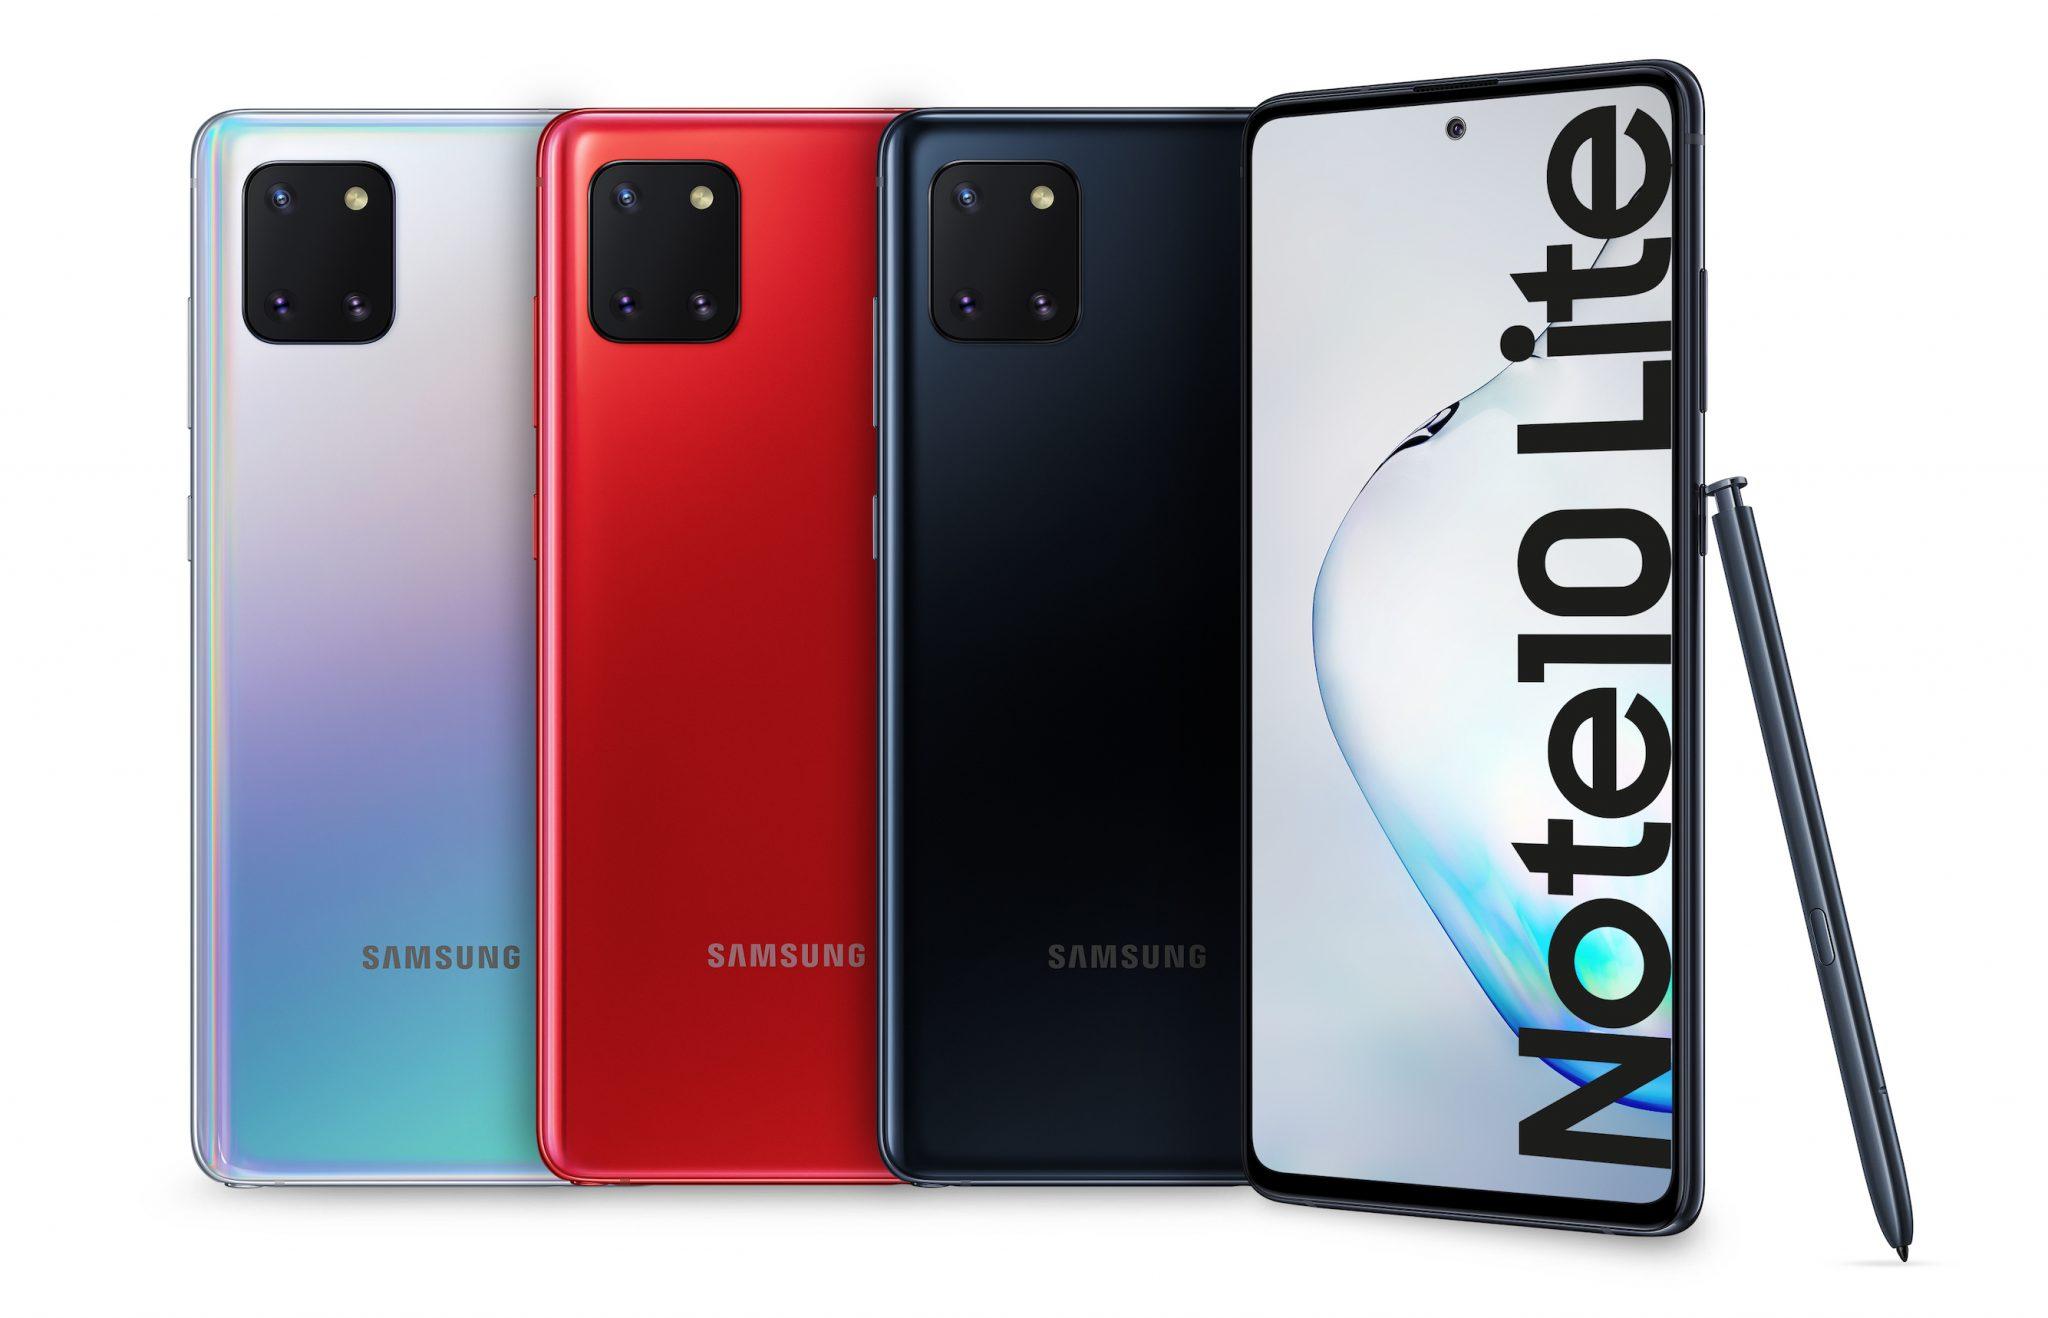 Offerta Samsung Galaxy Note10 Lite: oltre il 30% di sconto su Amazon thumbnail